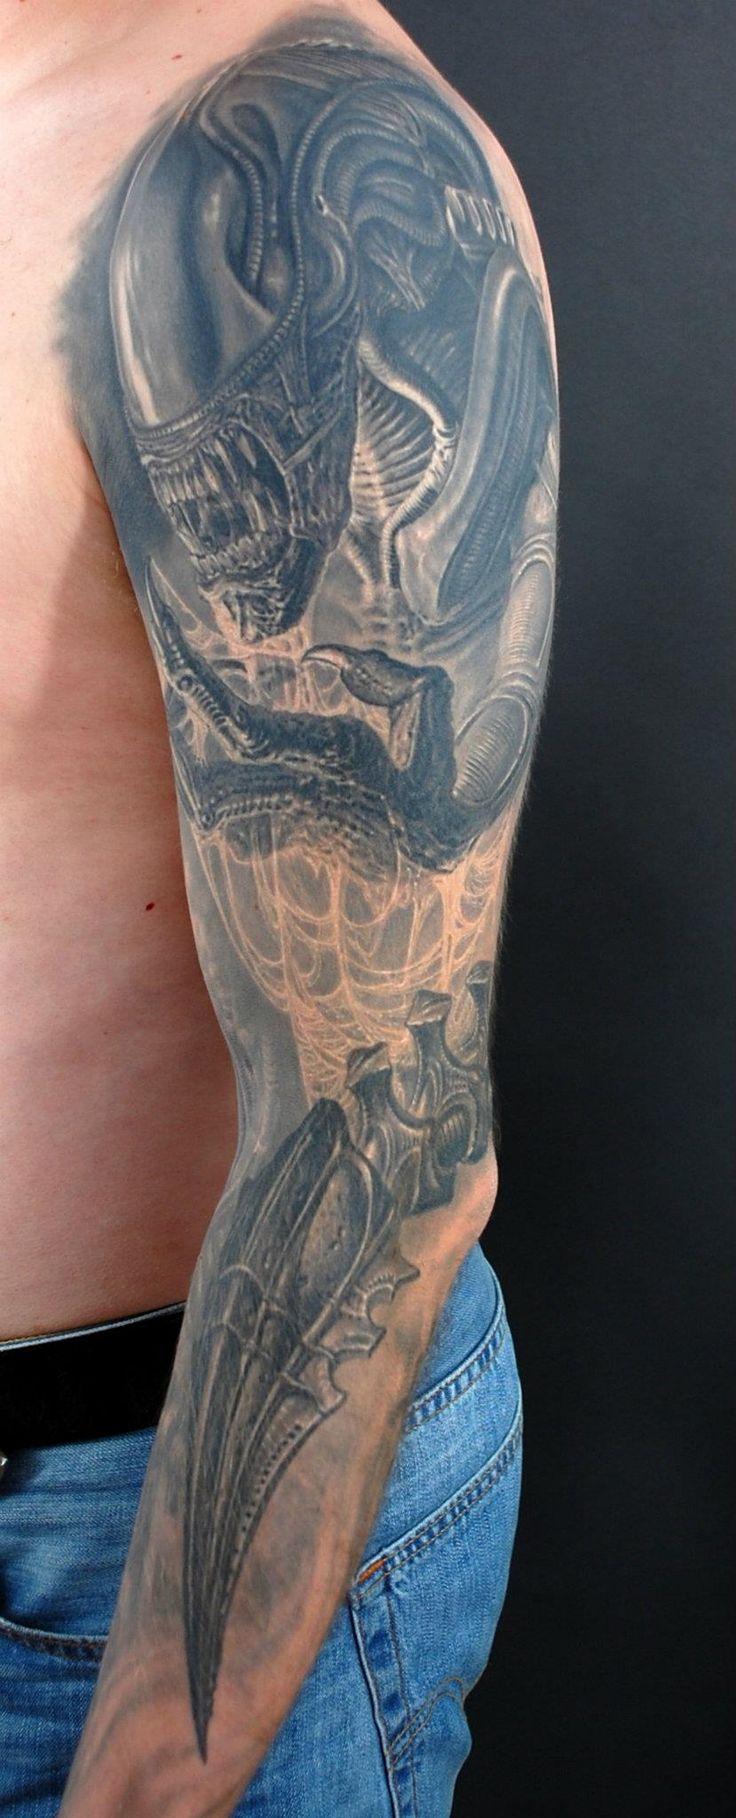 Pavel Angel: Tattoo Stuff, Tattoo Sleeve, Pavel Angel, Awesome Aliens, Tattoo Artists, Tattoo Ink, Aliens Tatt